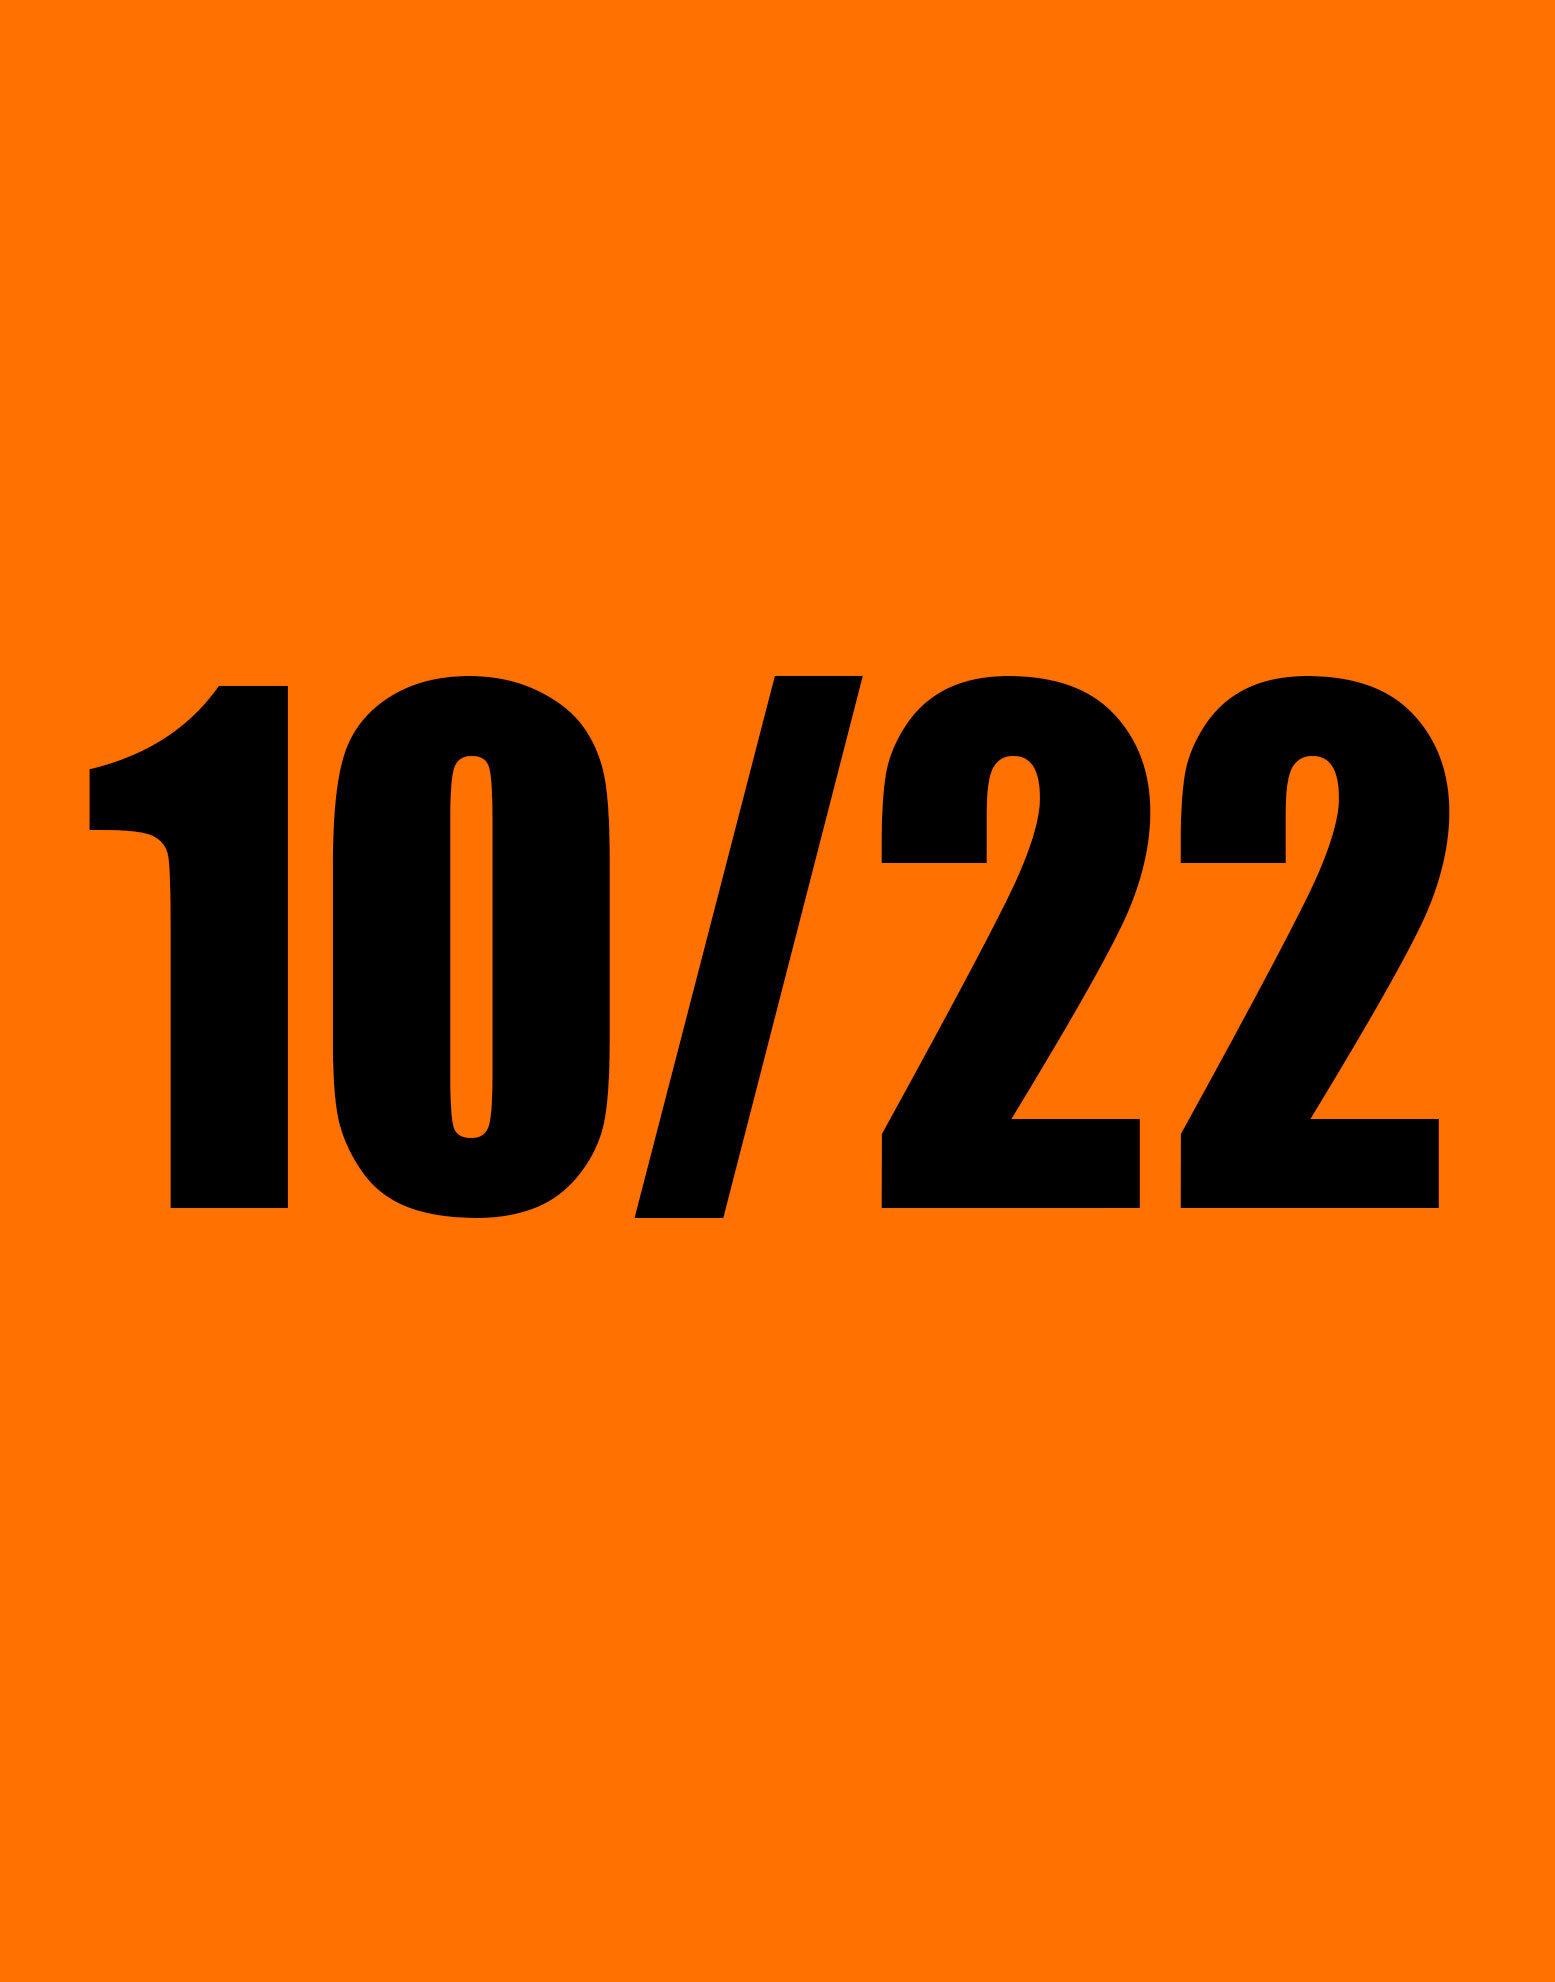 10-22.jpg